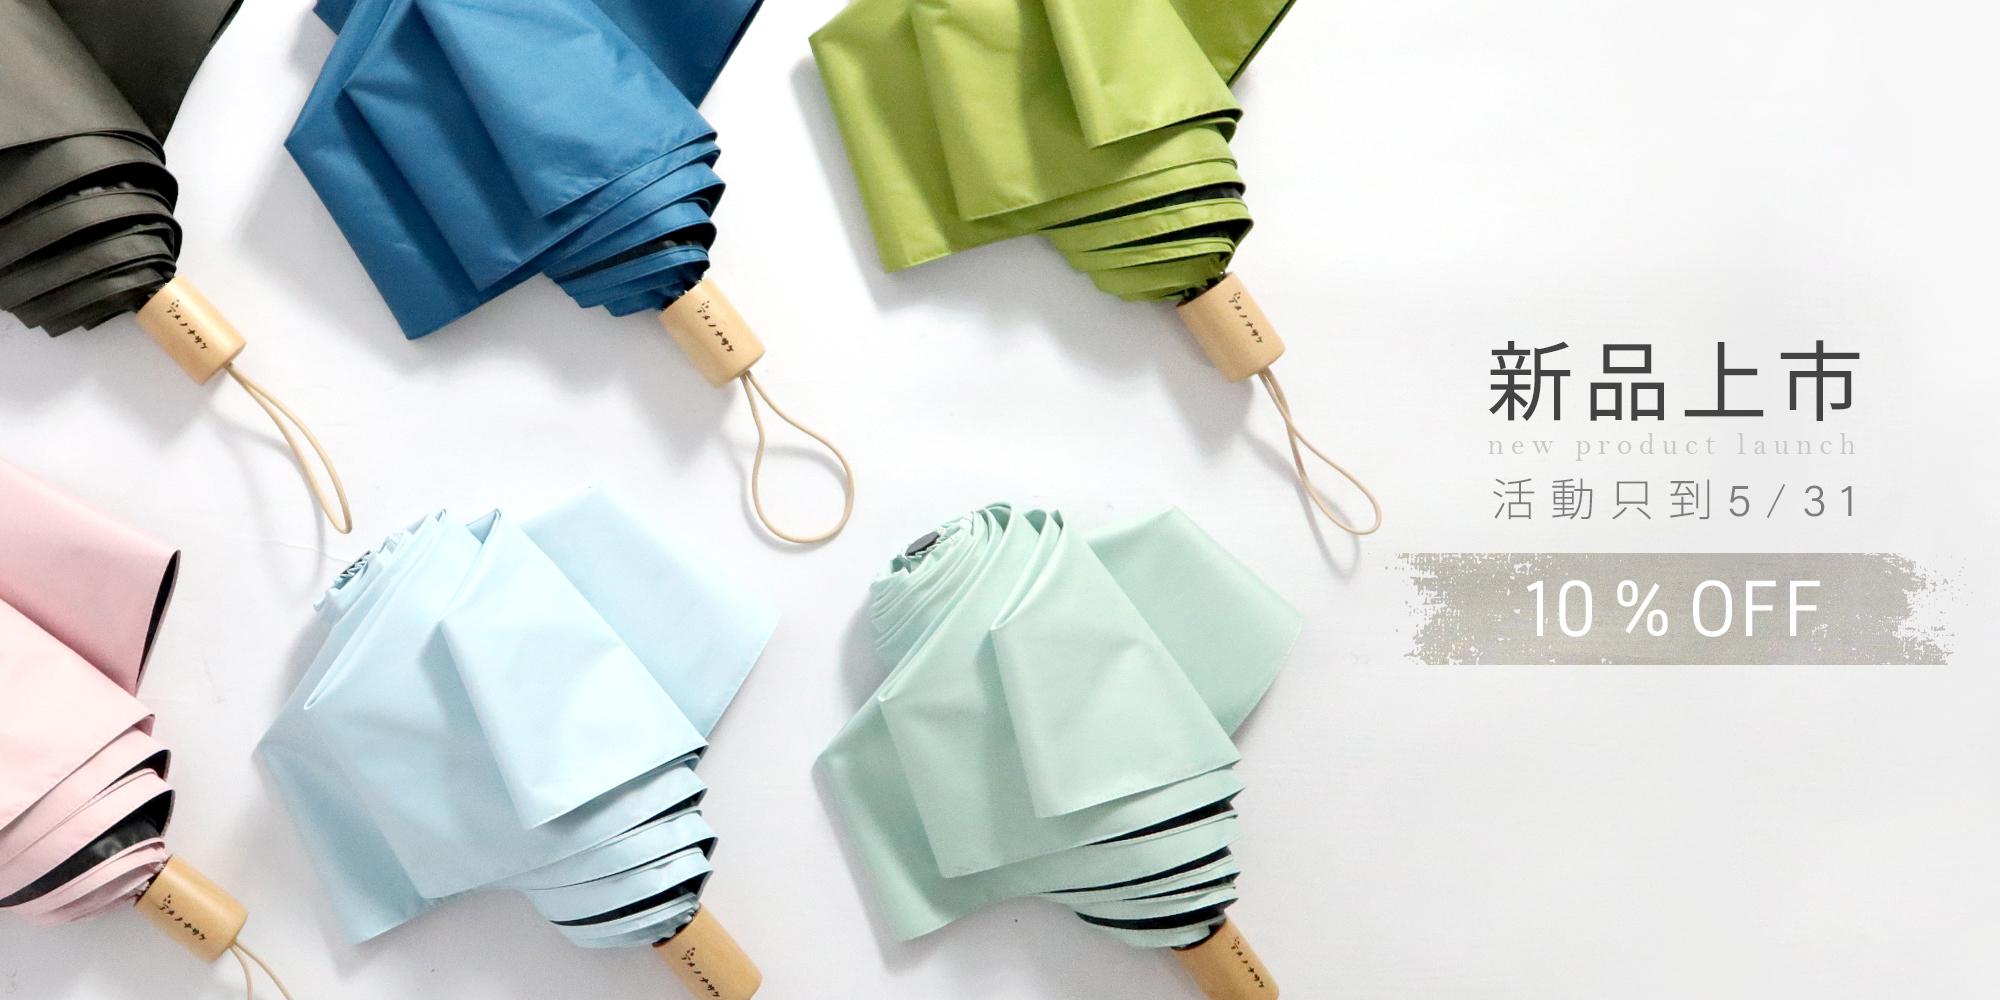 新品,折扣,現折,氣象,大雨,颱風,木柄,文青,撞色,雨衣,自動傘,口袋傘,直傘,雨傘,折傘,小包傘,晴雨傘,抗UV